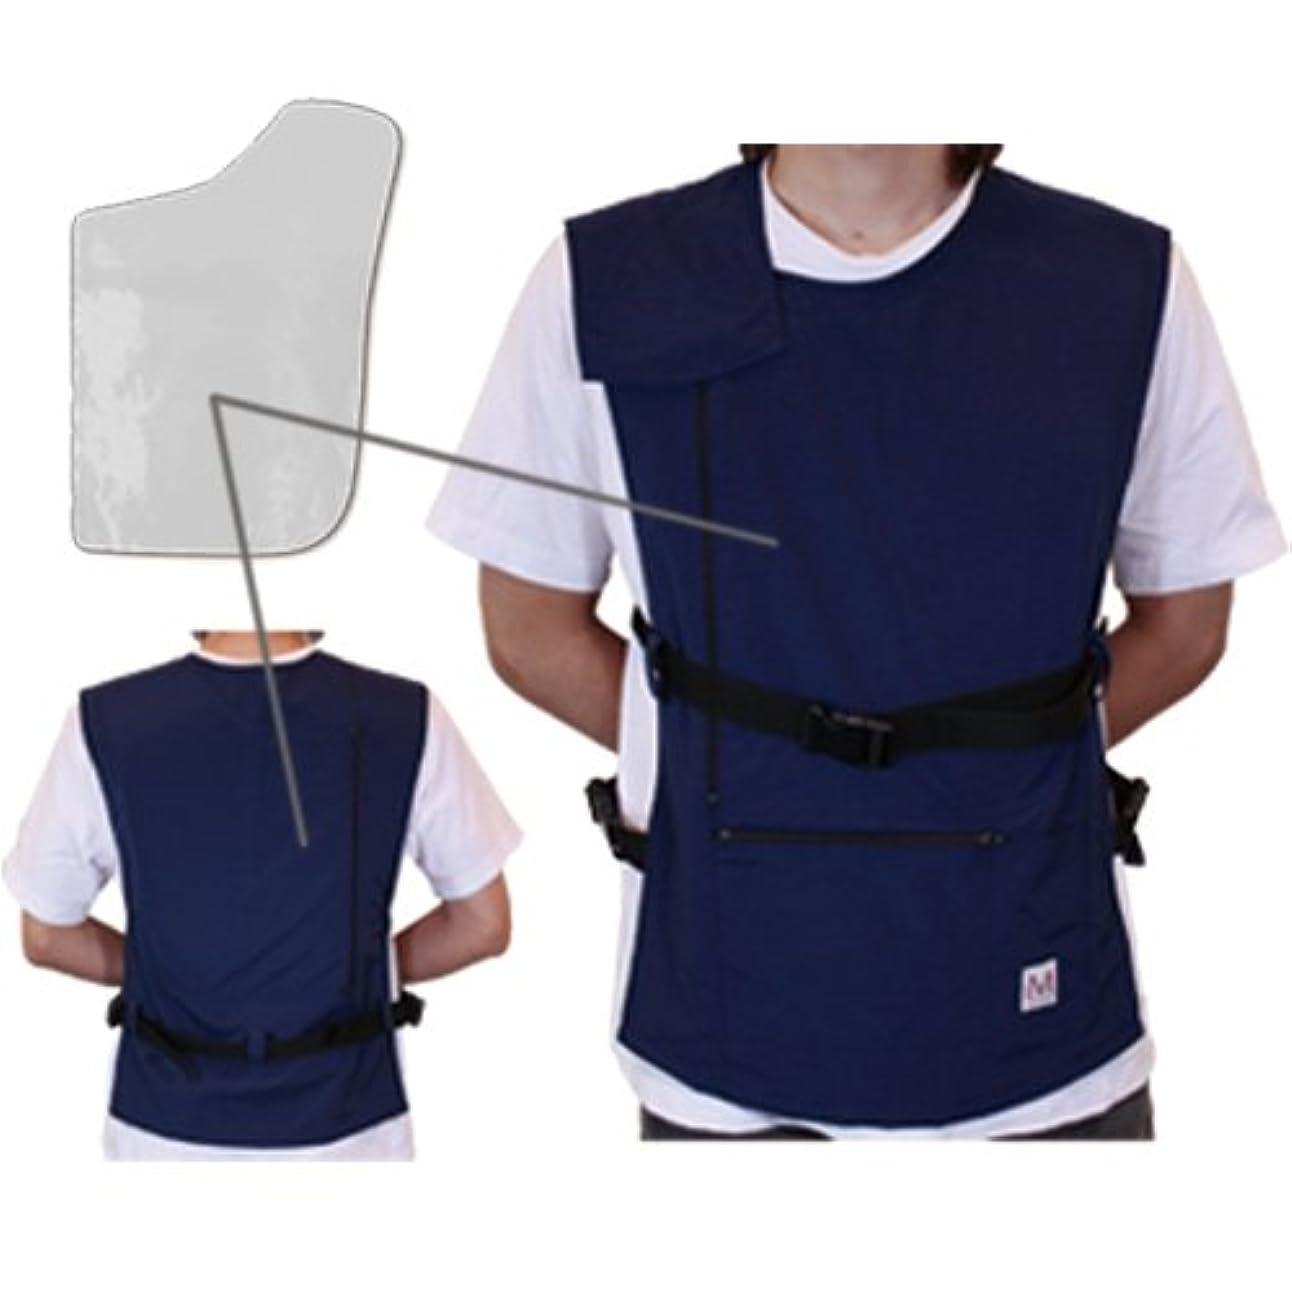 除去取り扱いサークルペースメーカ?ICD電磁波防護服「MGワークベスト左胸用(カーキー)2年間品質保証